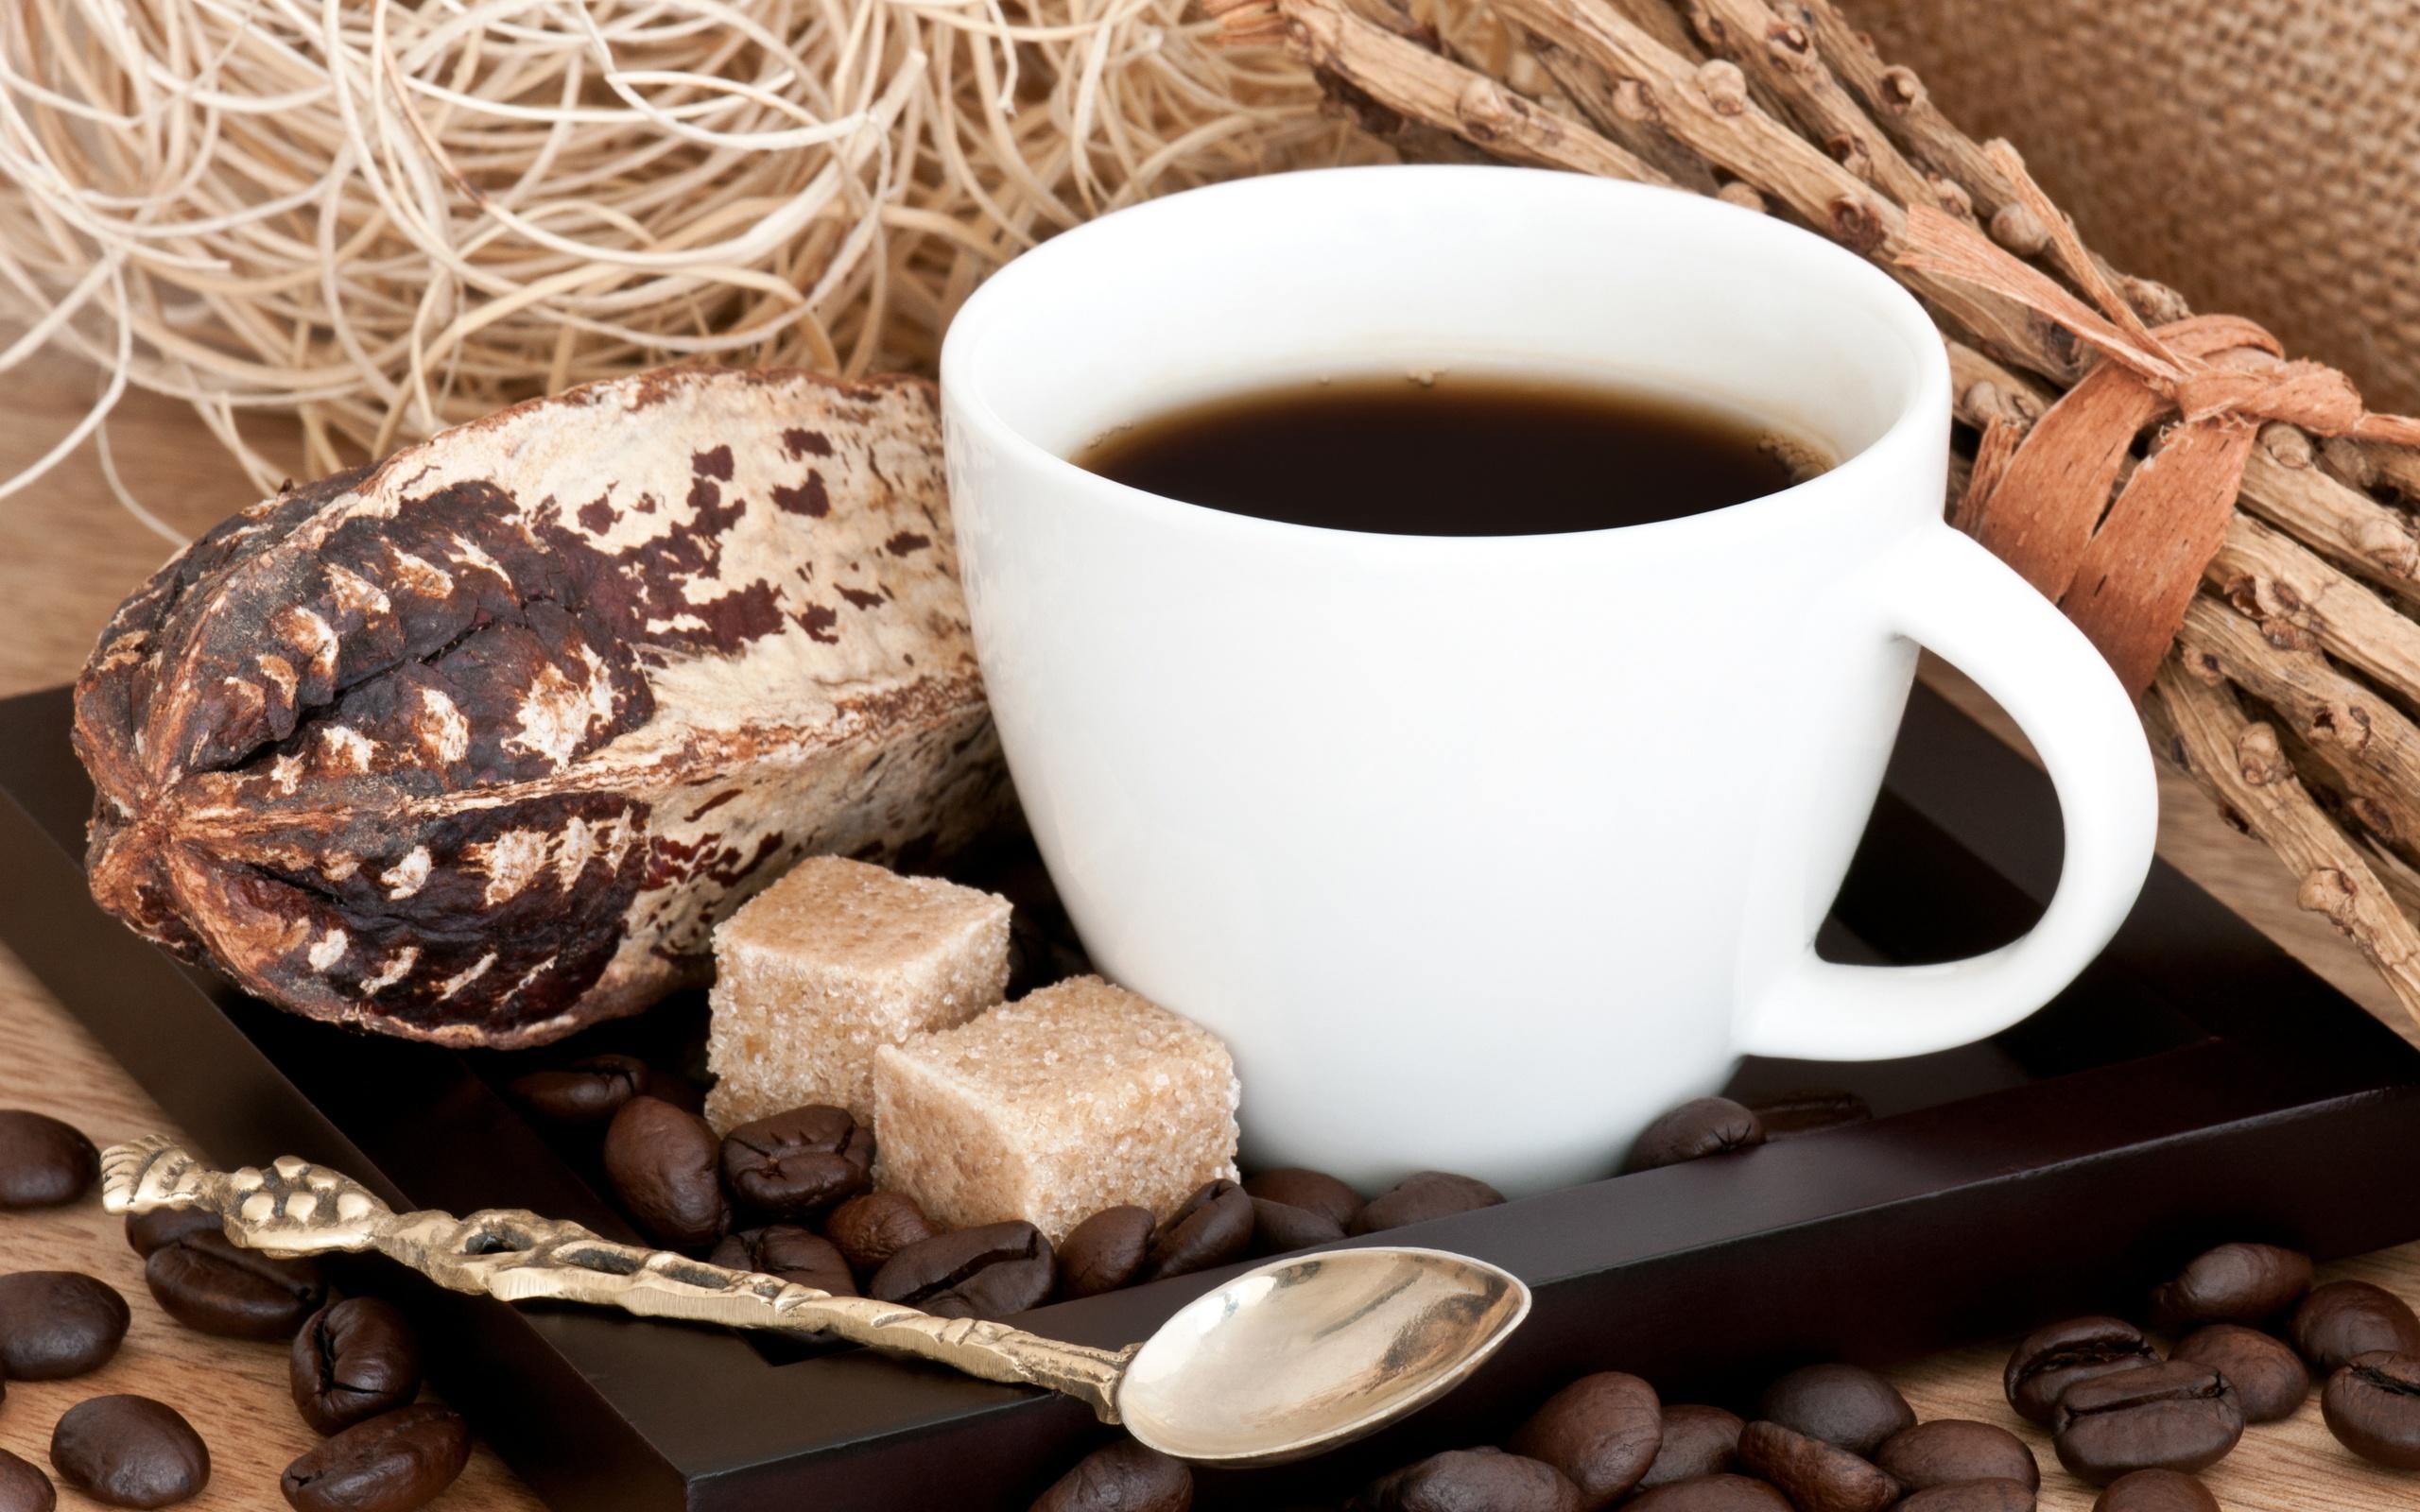 сентября картинки кофе хорошего разрешения ботинка